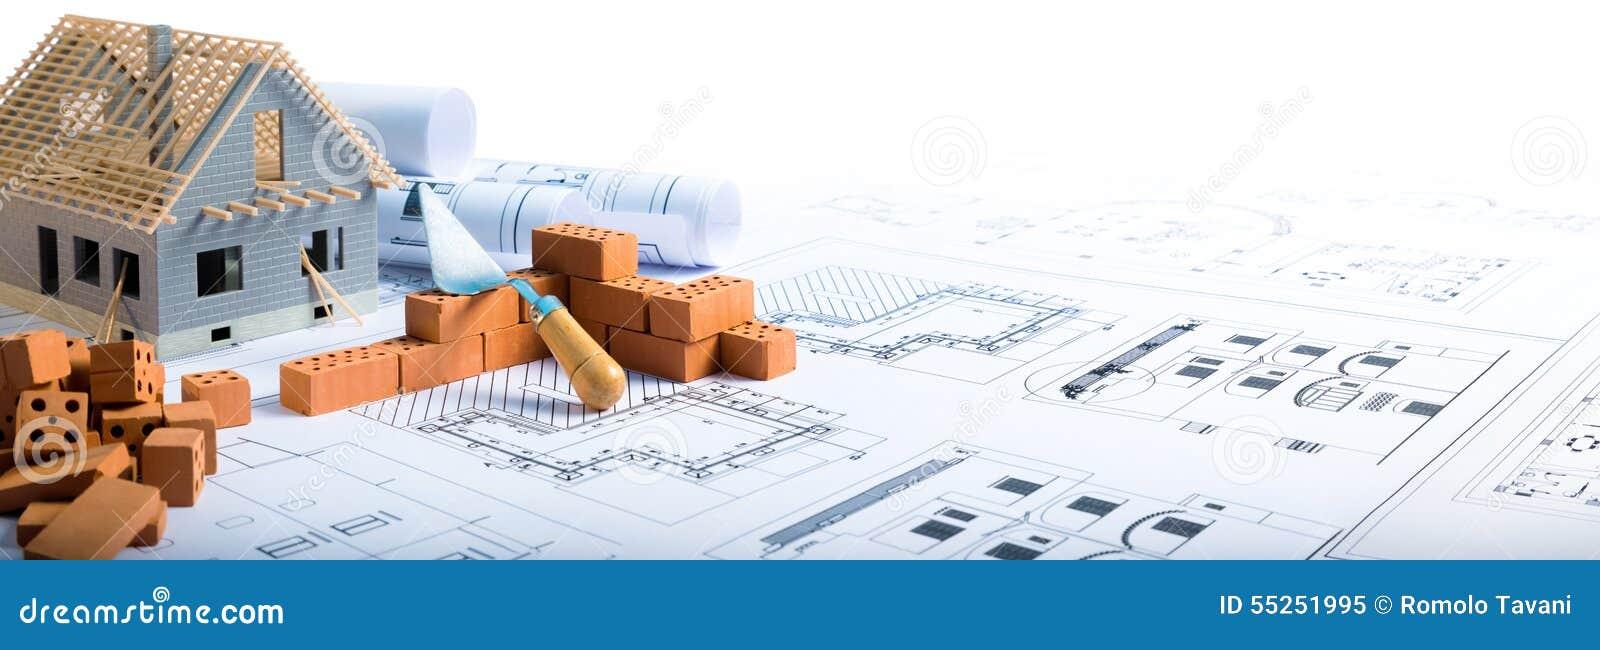 Byggande hus - tegelstenar och projekt